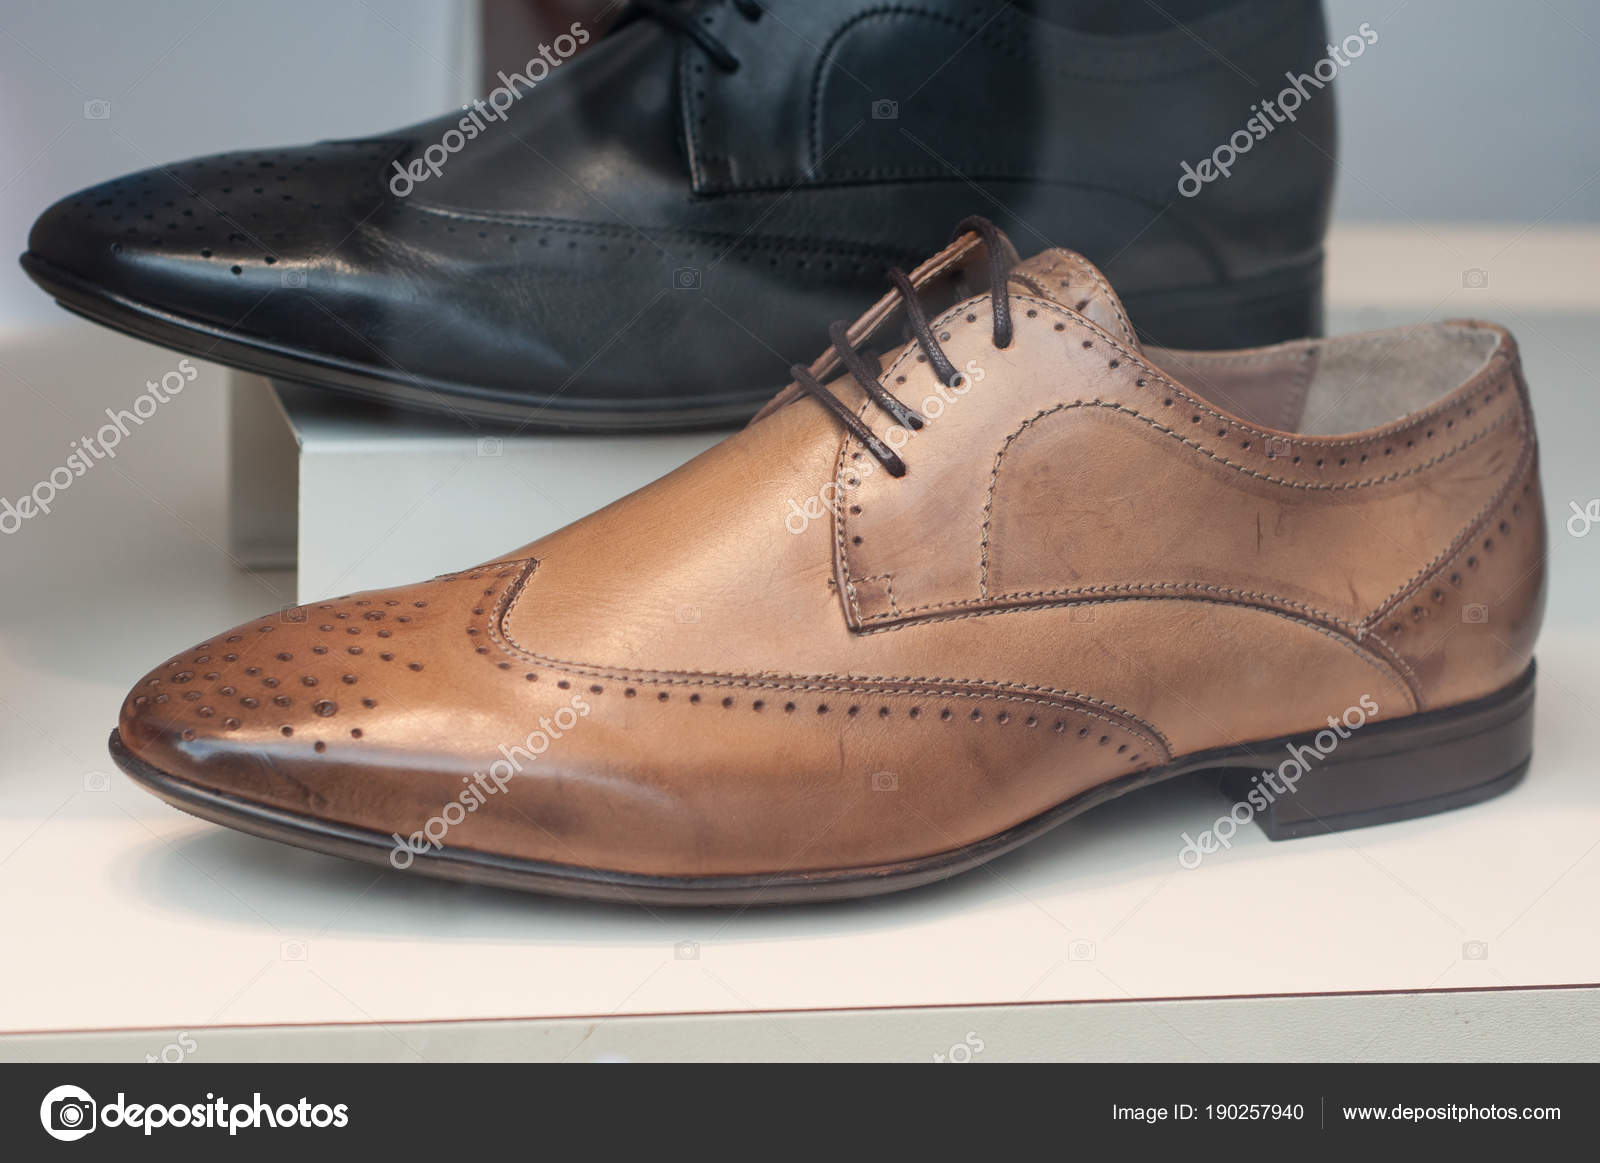 Negozio di scarpe di cuoio classico per gli uomini di moda– immagine stock 607d459d7ee